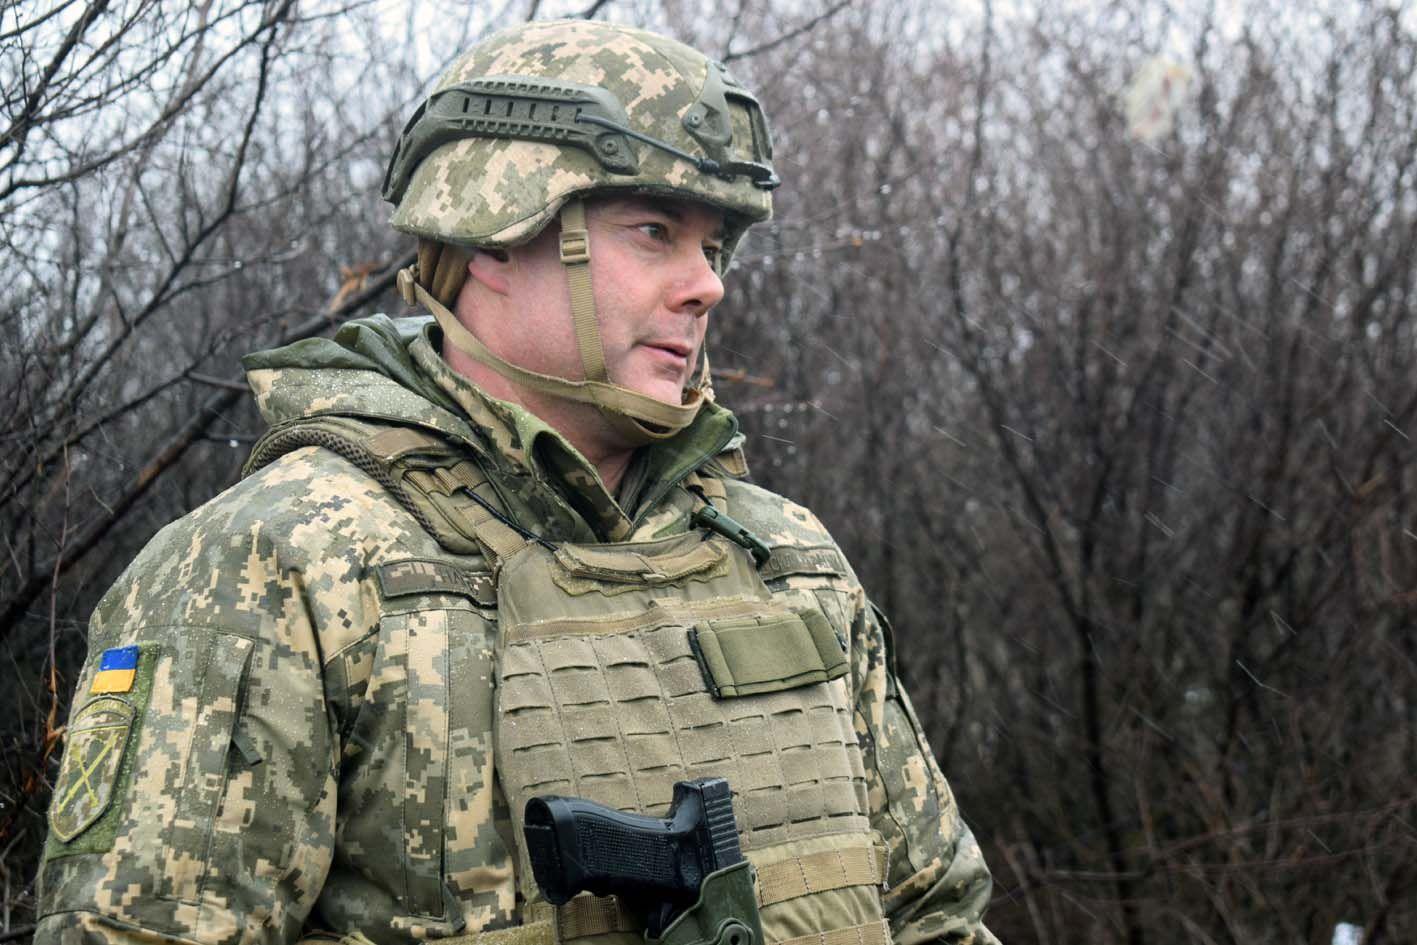 Сергей Наев: «Российские военные очень хорошо понимают язык украинского оружия на востоке»